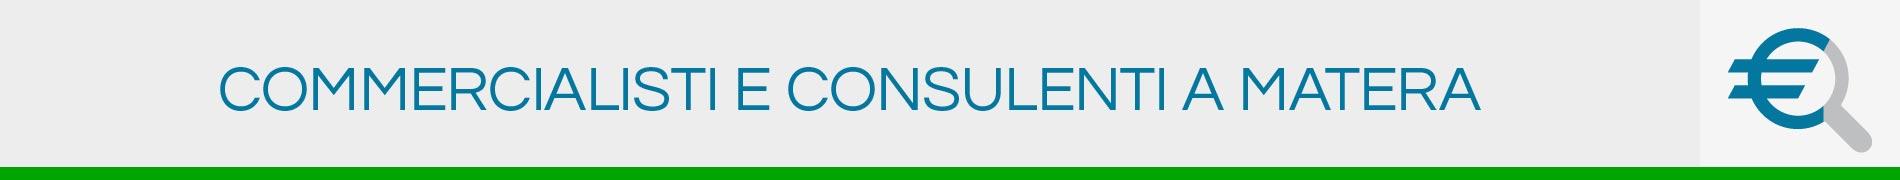 Commercialisti e Consulenti a Matera